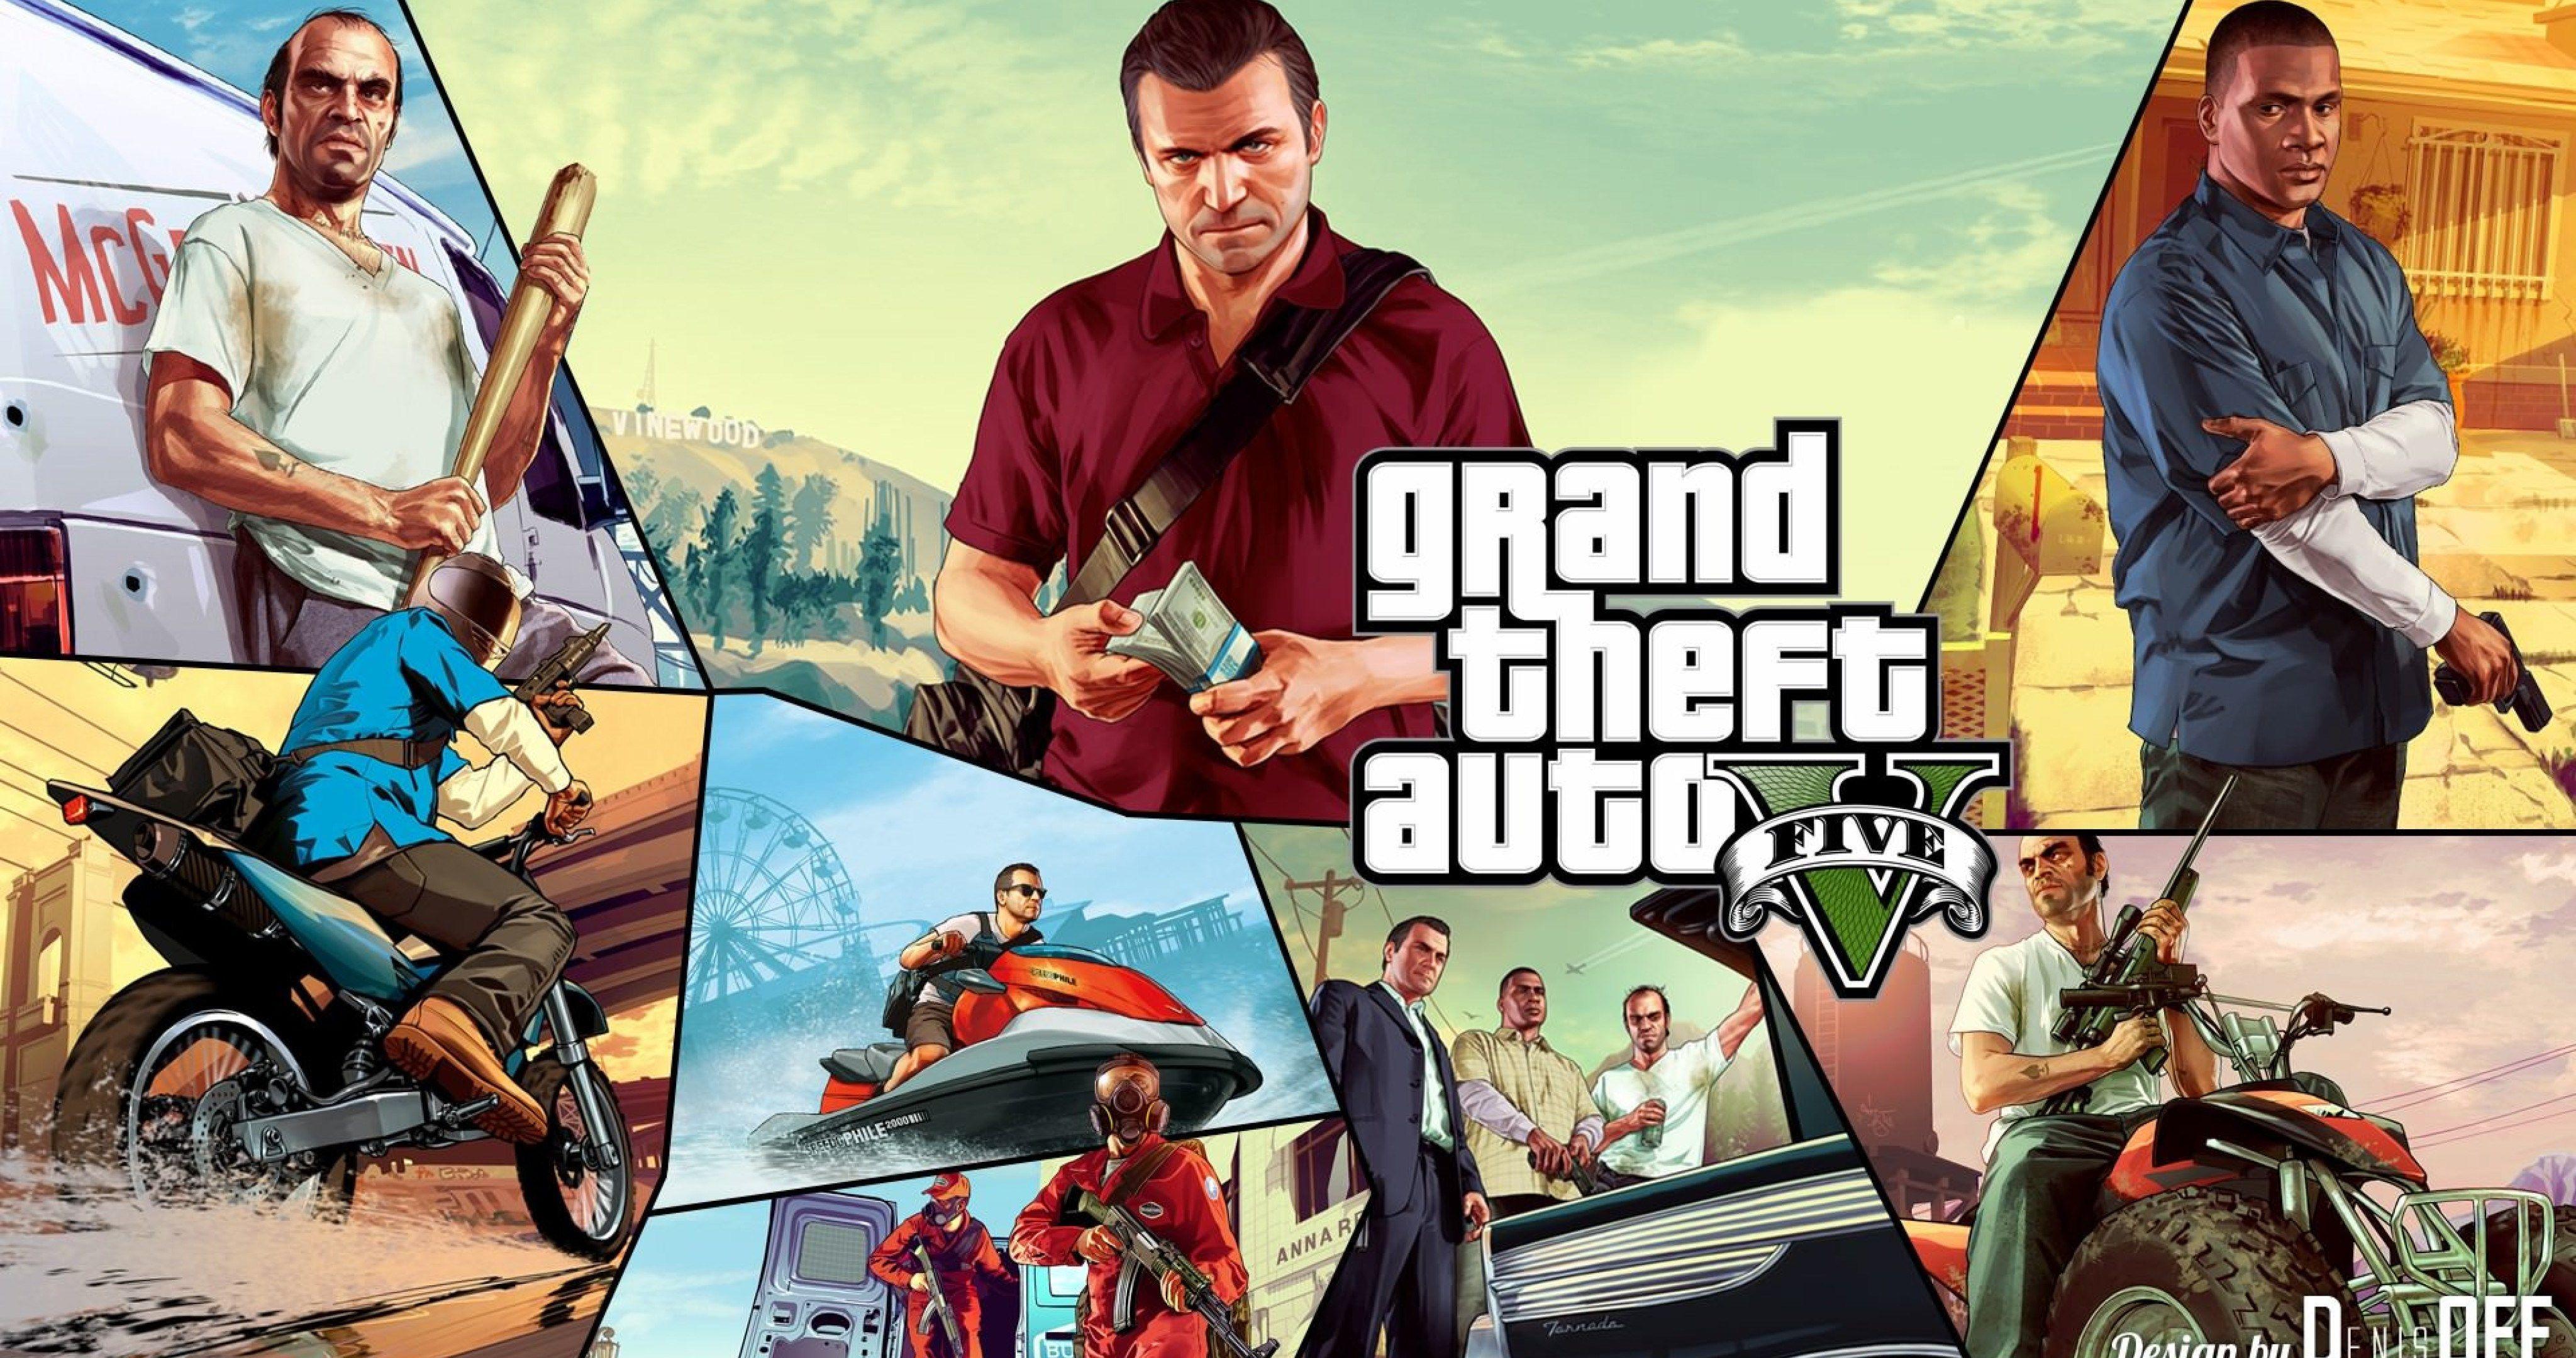 Grand Theft Auto V 4k Wallpaper Picture Grand Theft Auto Gta 5 Grand Theft Auto Series